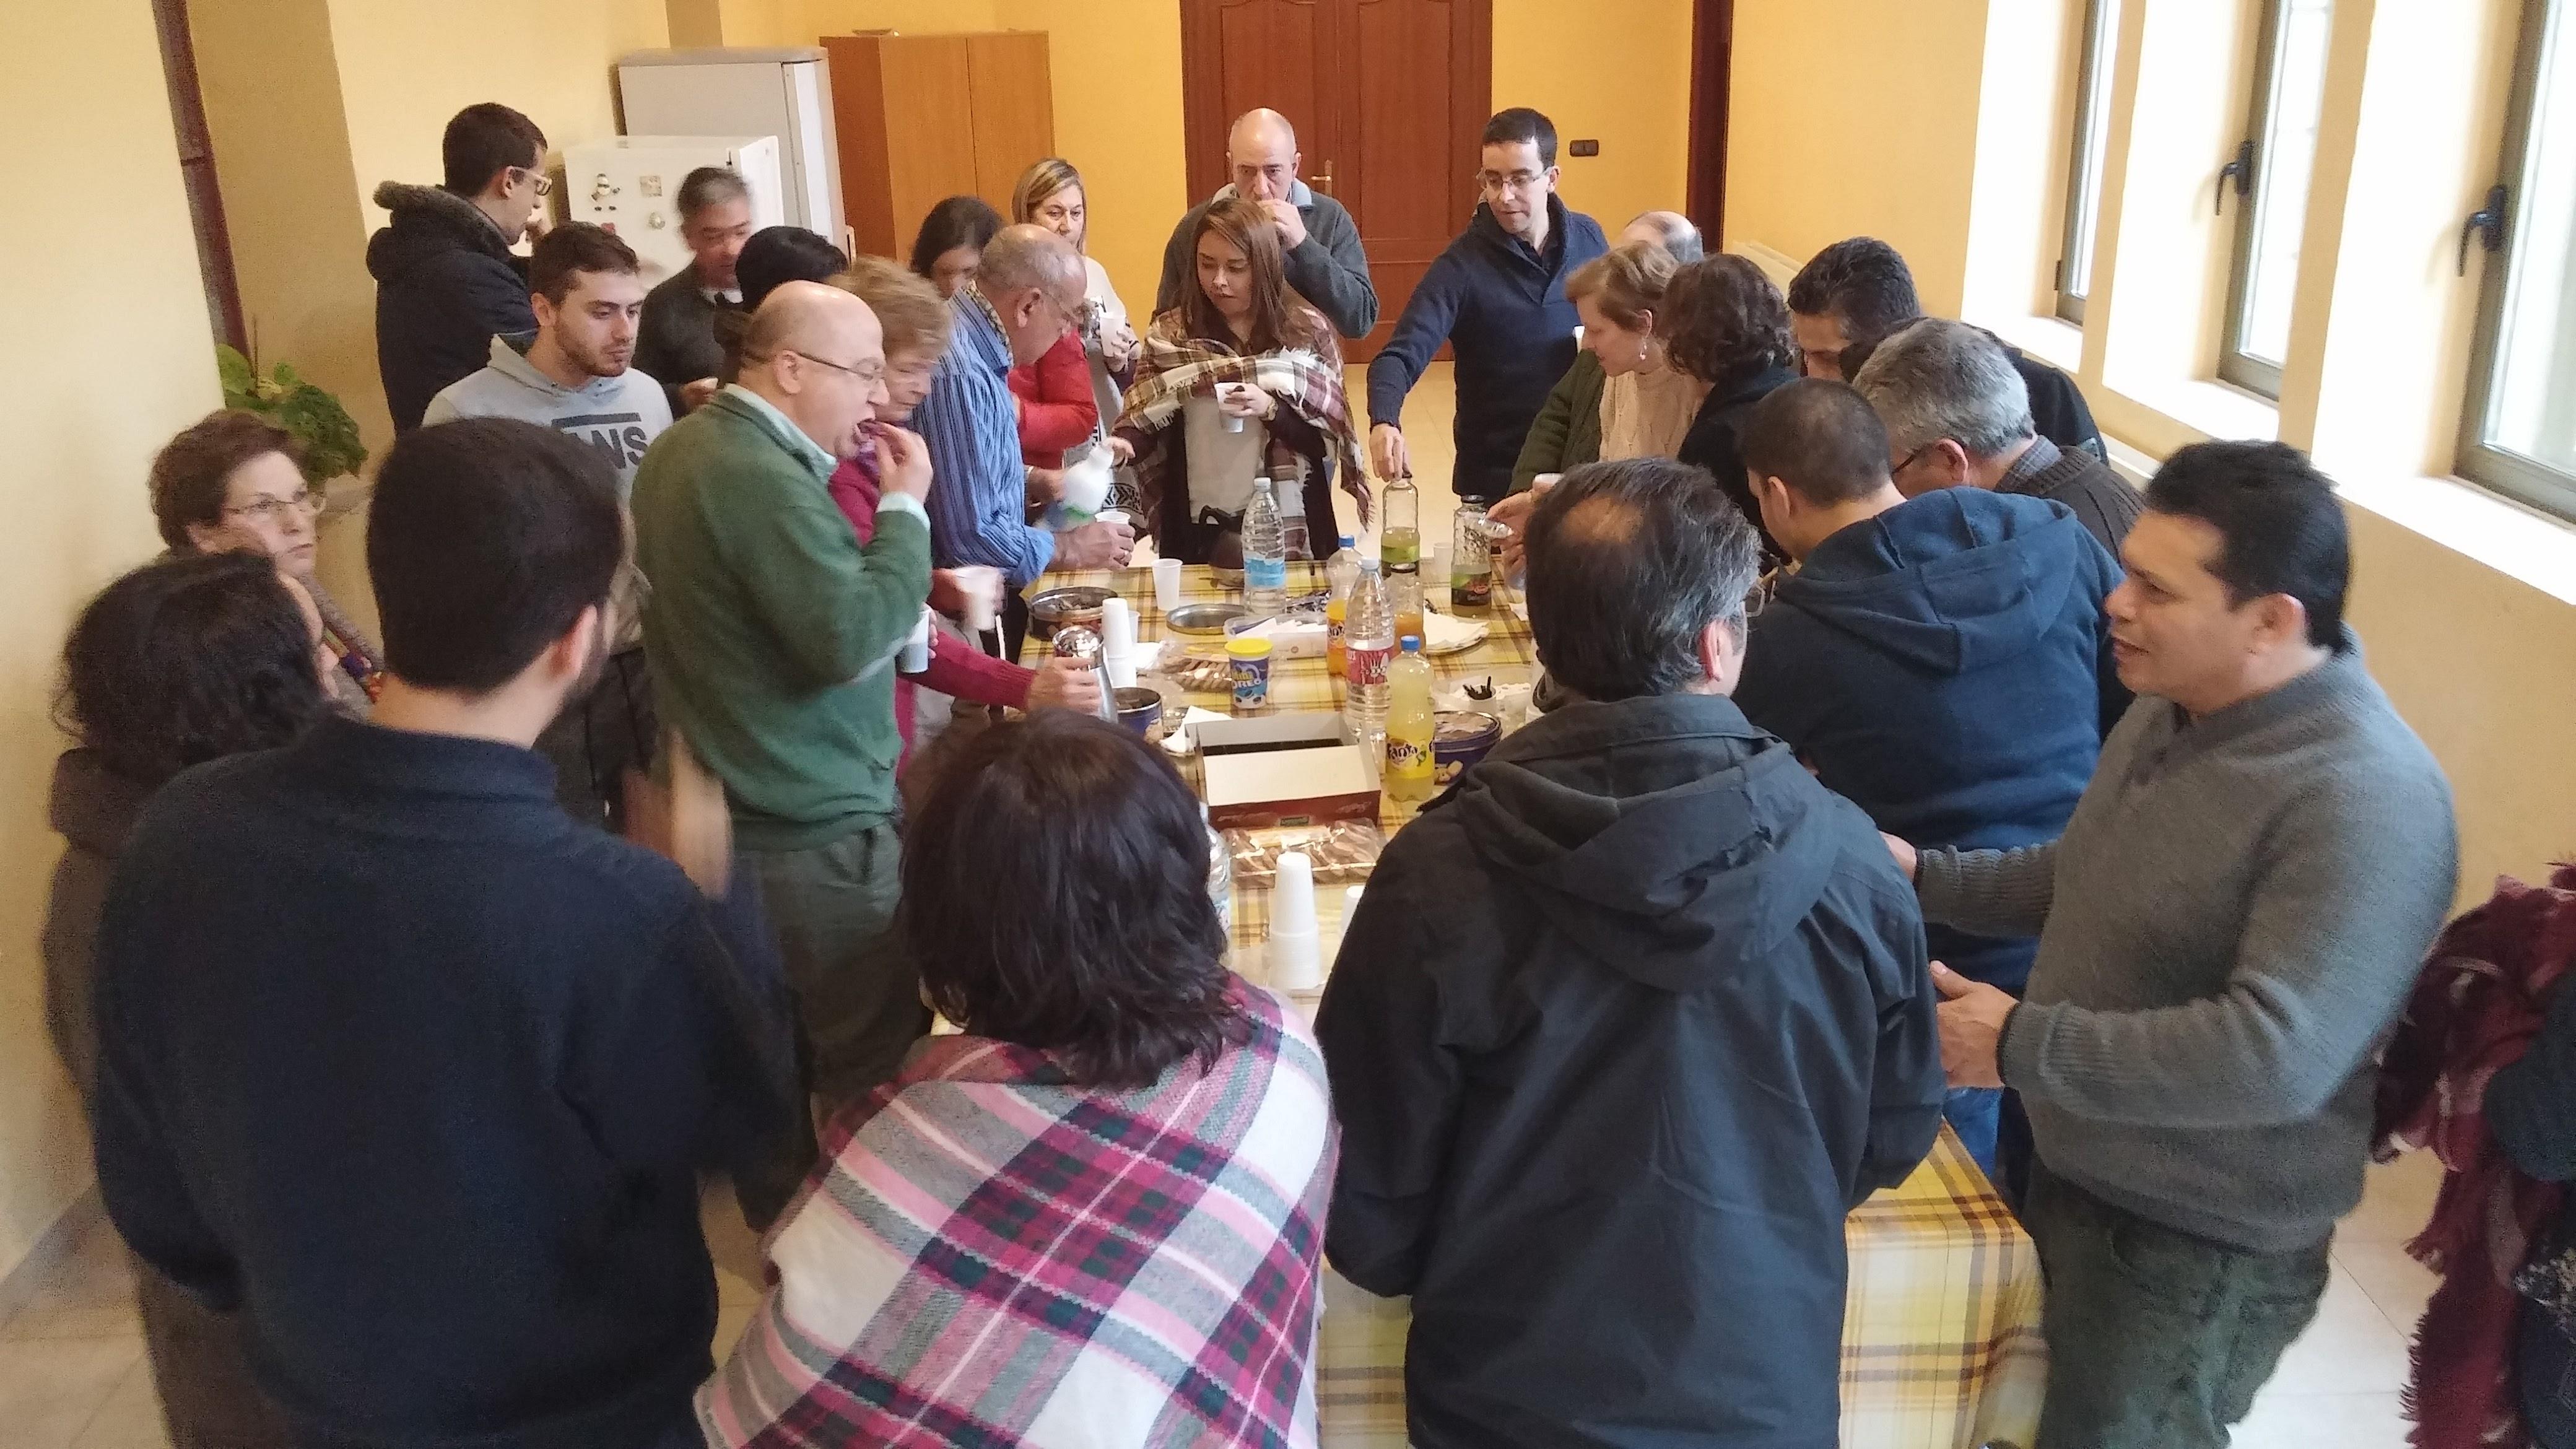 2016.02.27y28 - Retiro de Mística (7 PIEDRAS) (19).jpg